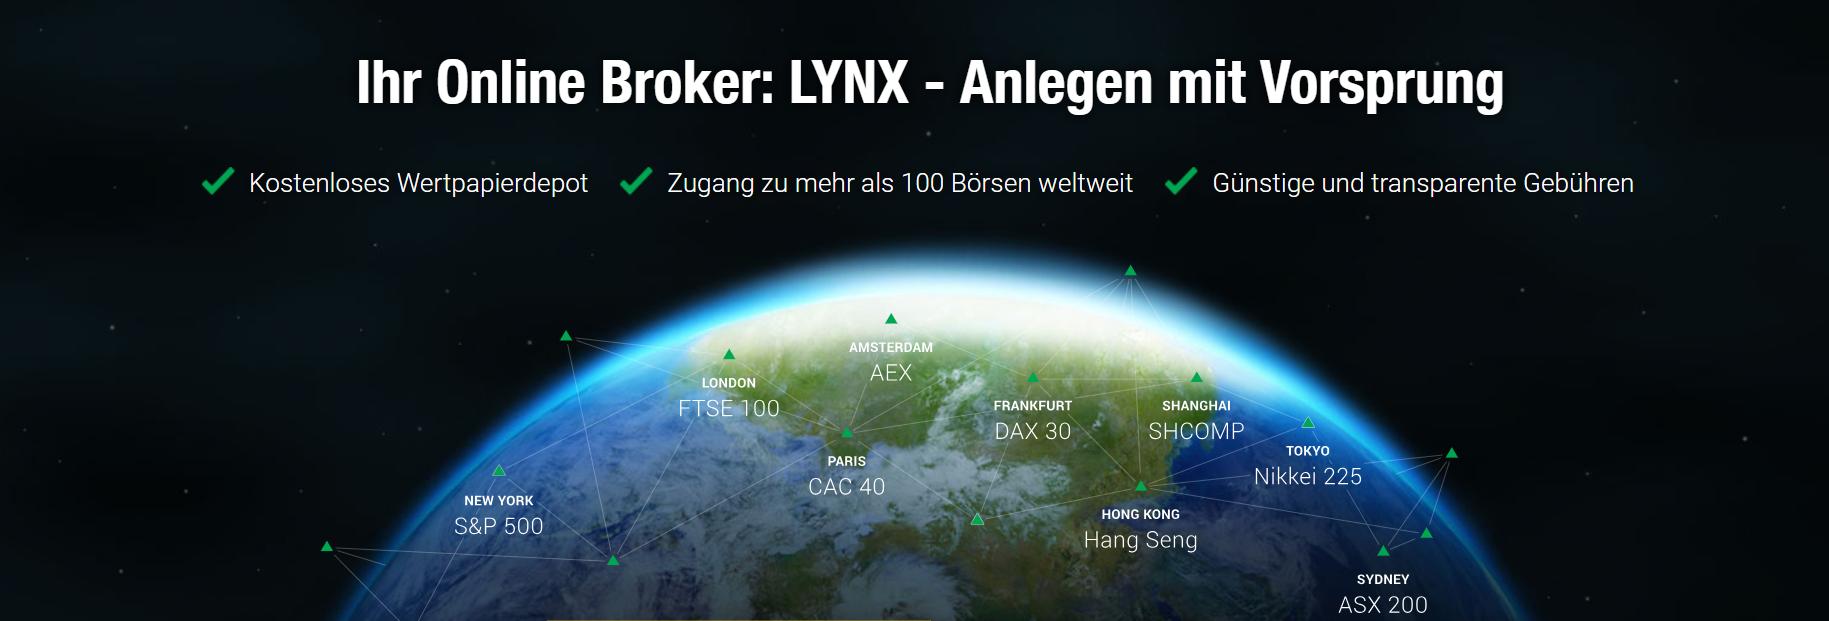 Lynx forex